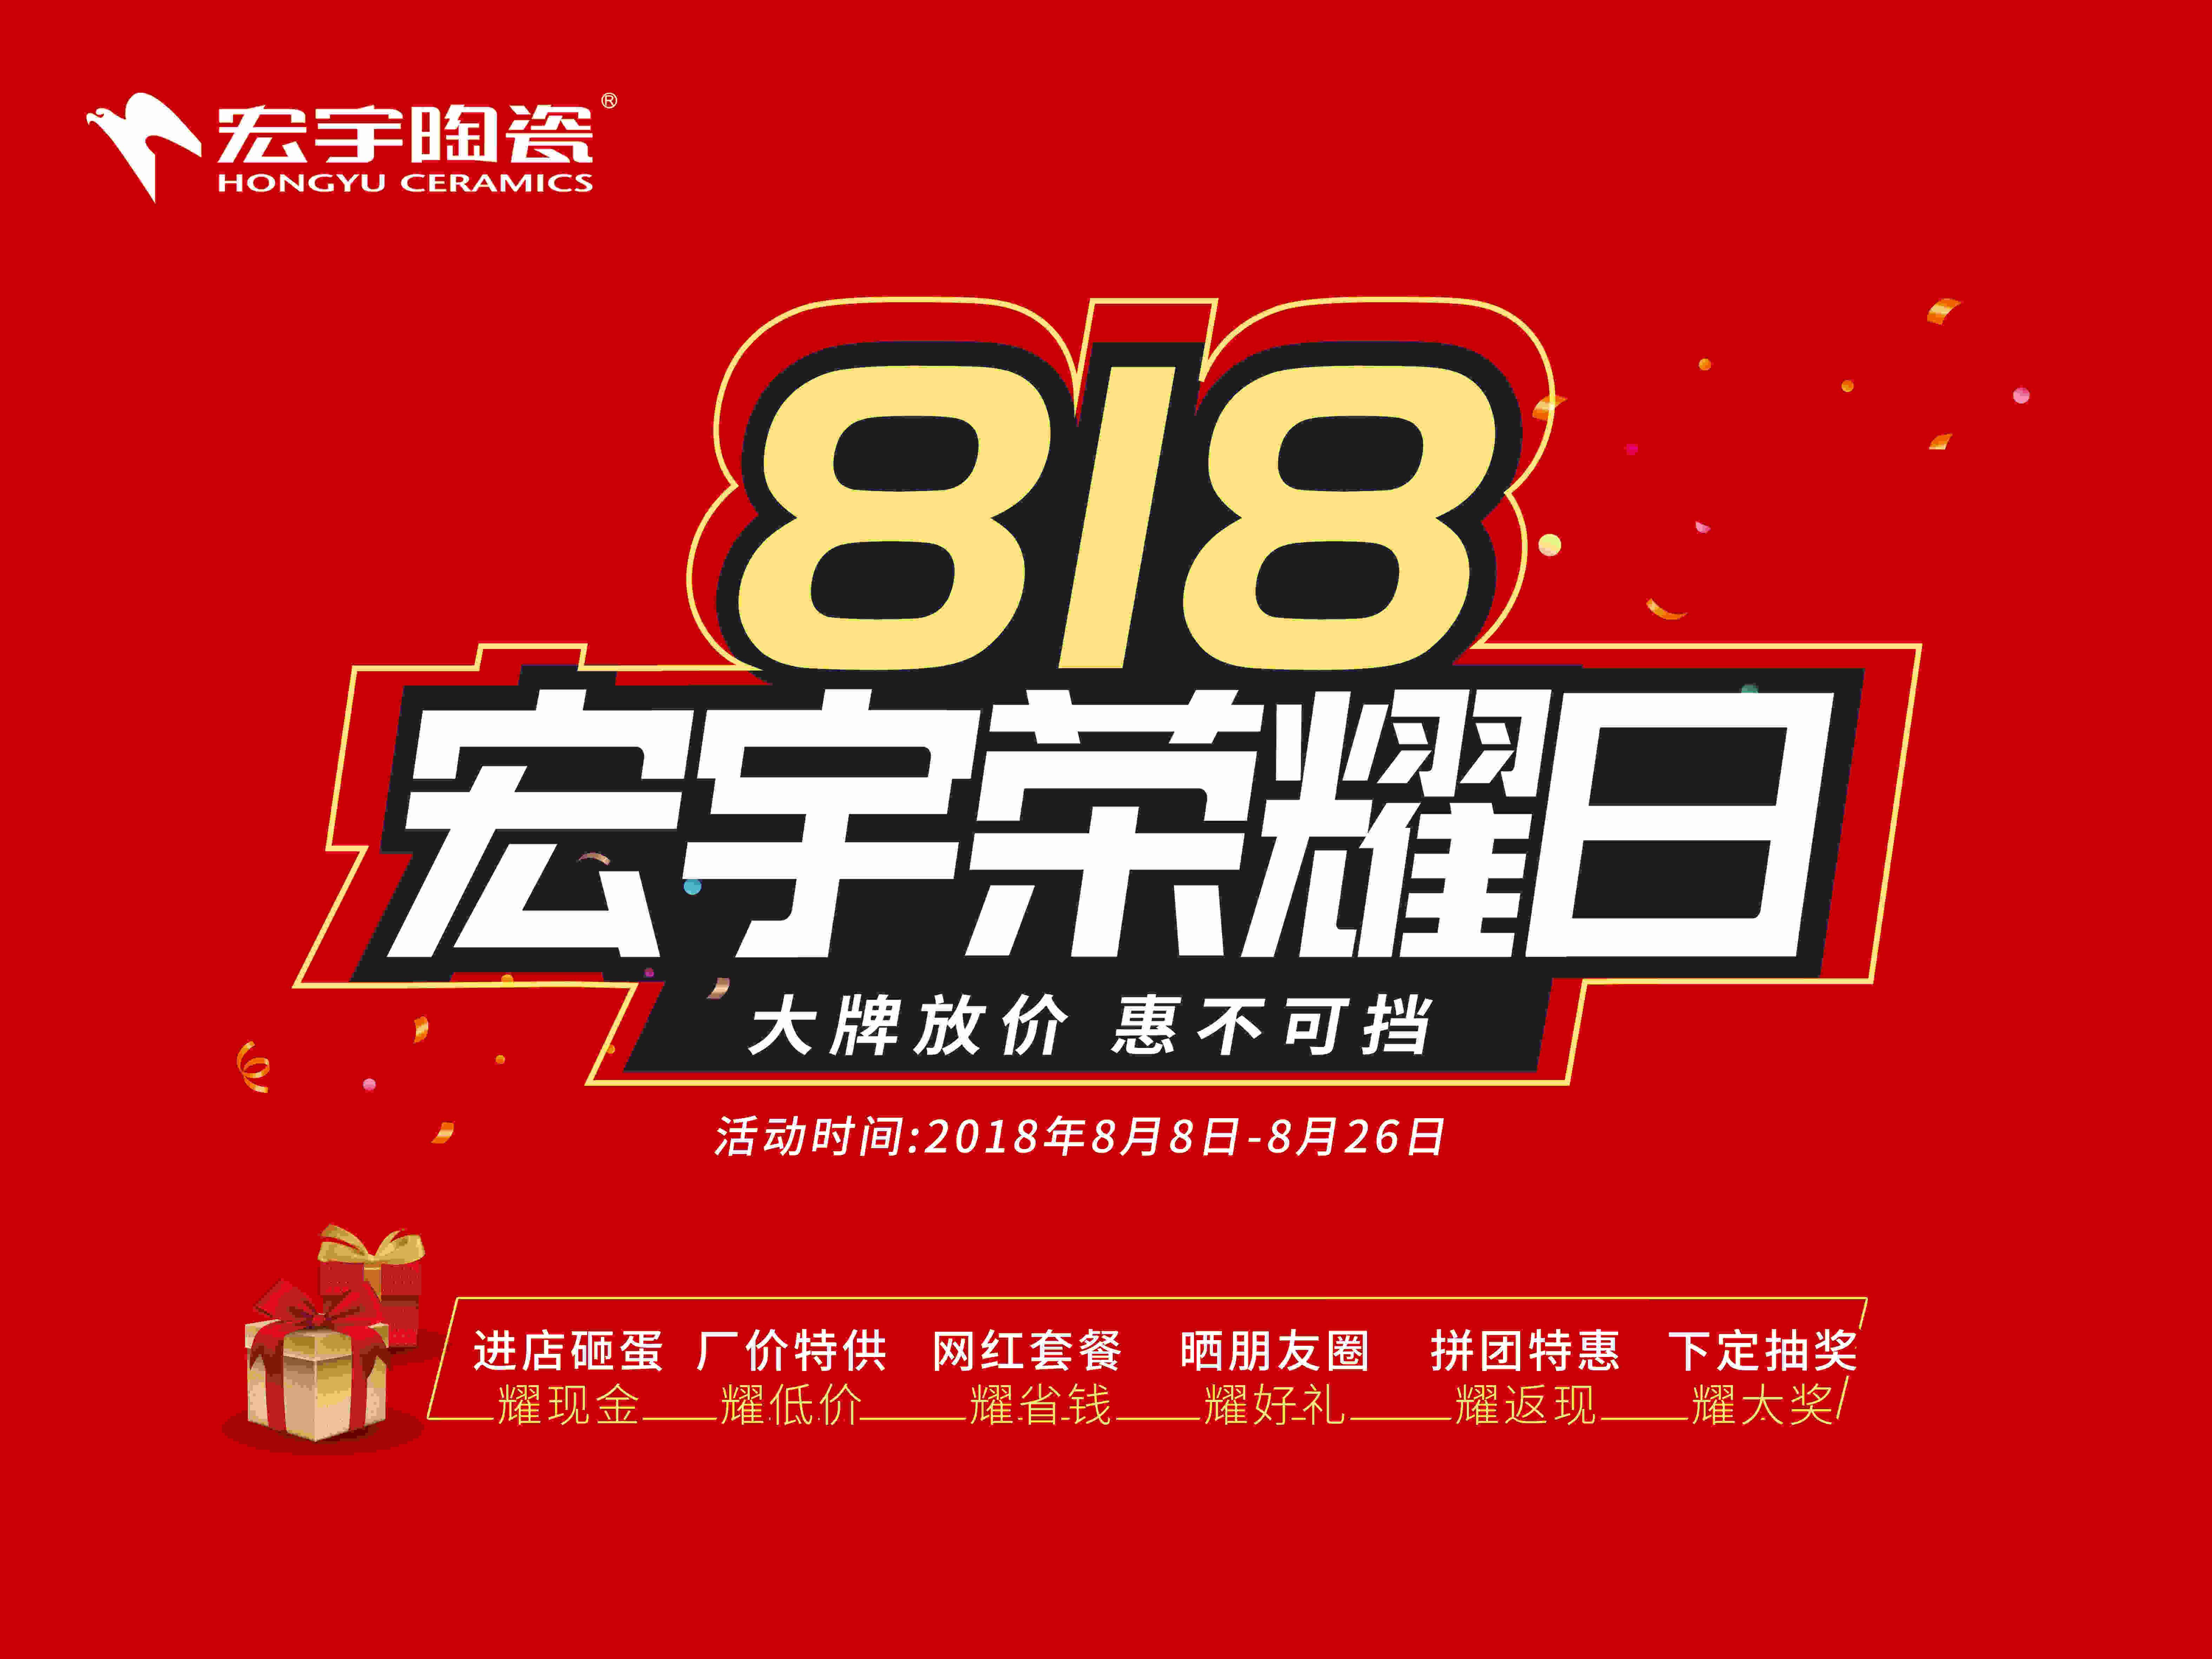 佛山瓷砖品牌宏宇陶瓷,荣耀8月激情放送家居豪礼!